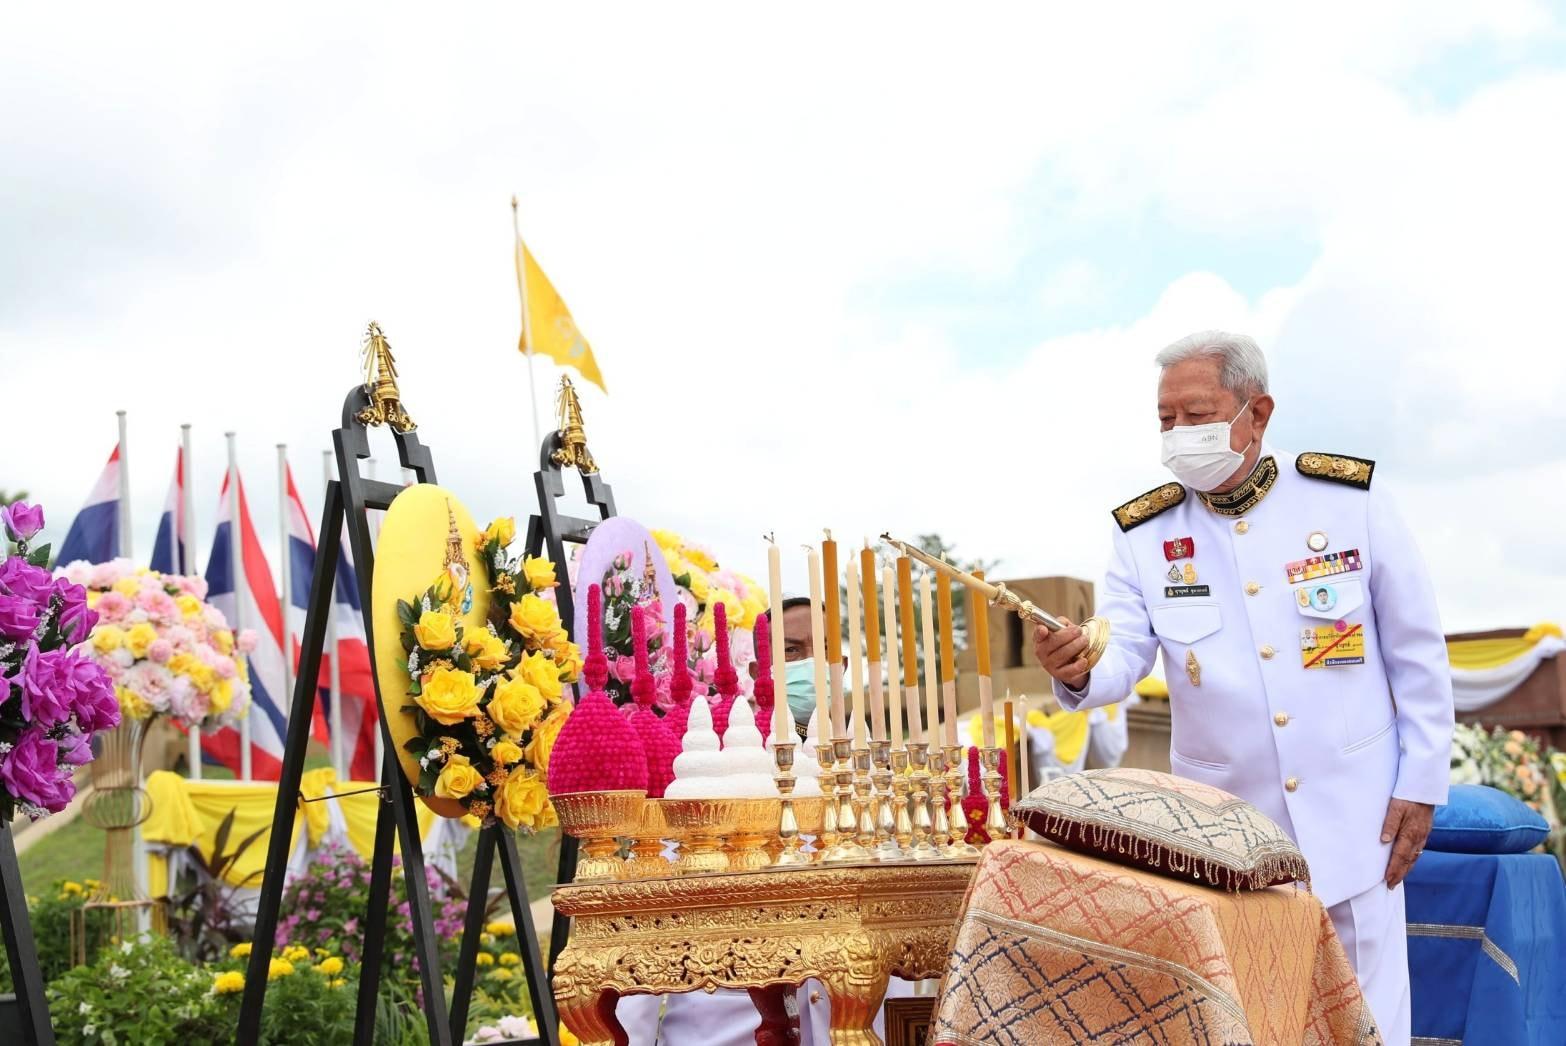 ผู้แทนพระองค์อัญเชิญพวงมาลาของพระบาทสมเด็จพระเจ้าอยู่หัวถวายราชสักการะ สมเด็จพระนารายณ์มหาราช เนื่องในวันคล้ายวันสวรรคต ประจำปี 2564 ณ จังหวัดลพบุรี